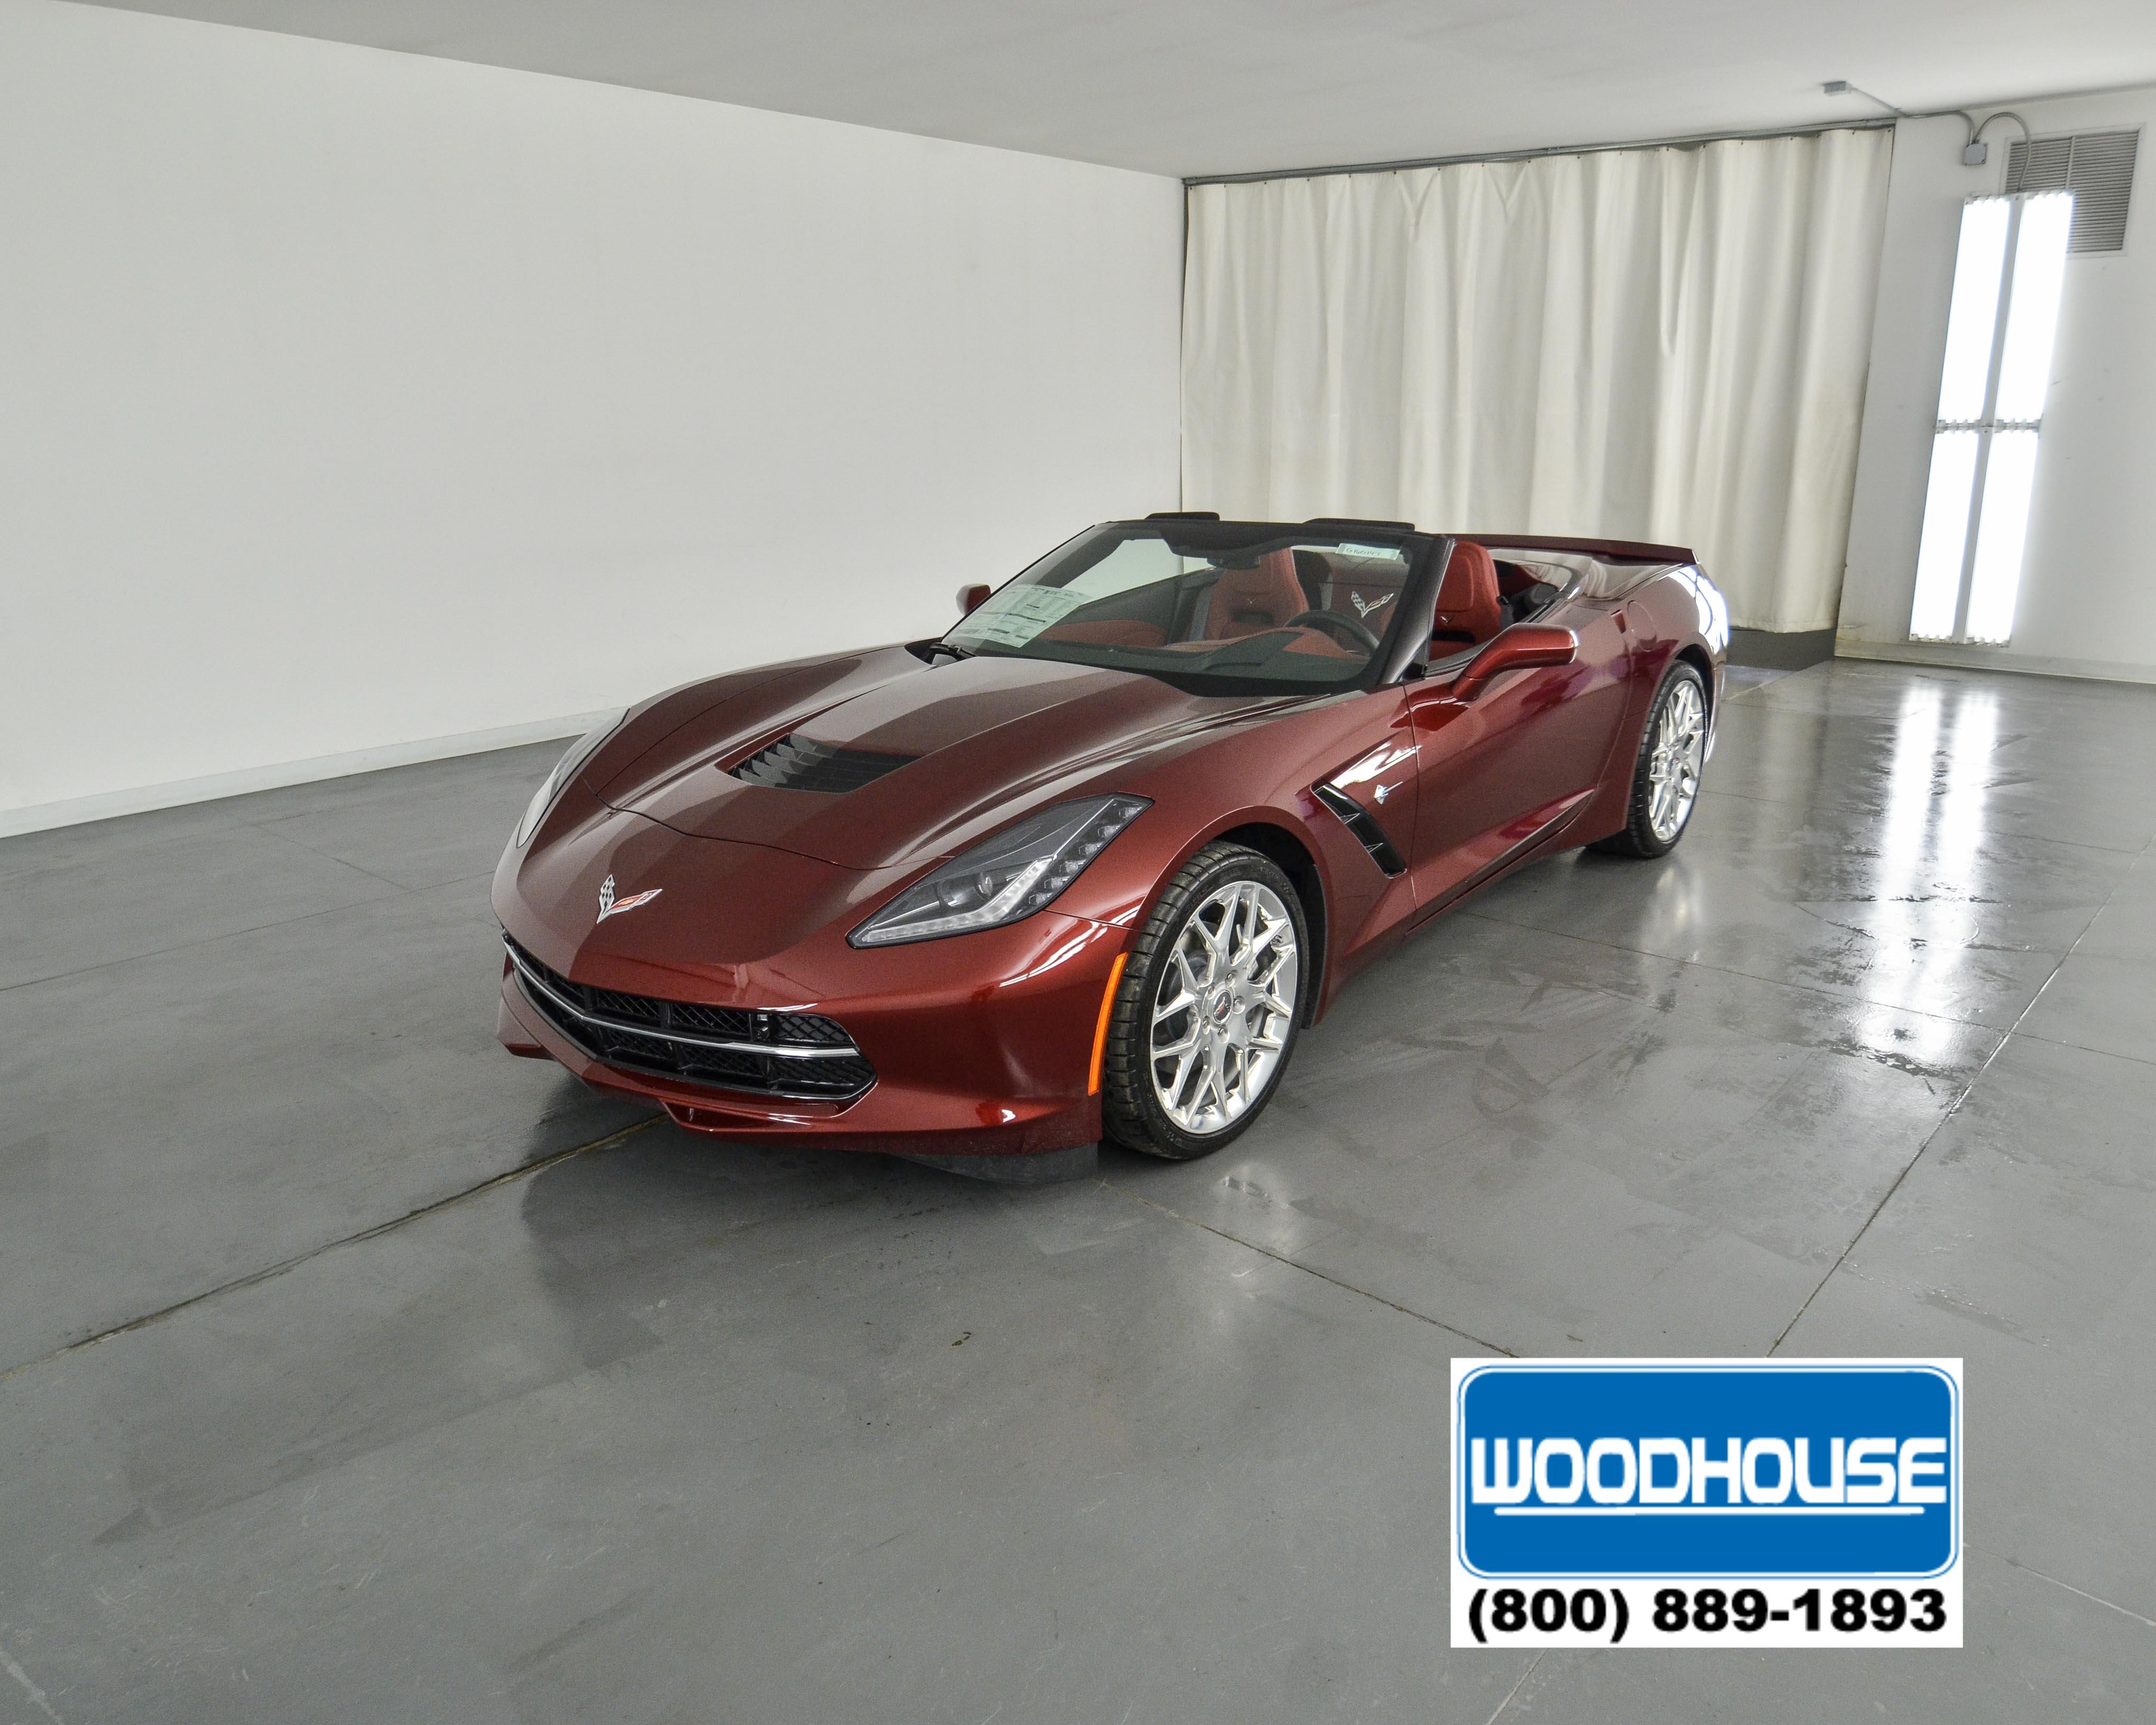 Woodhouse Location & New u0026 Used Cars for Sale   Omaha NE   Woodhouse Auto markmcfarlin.com